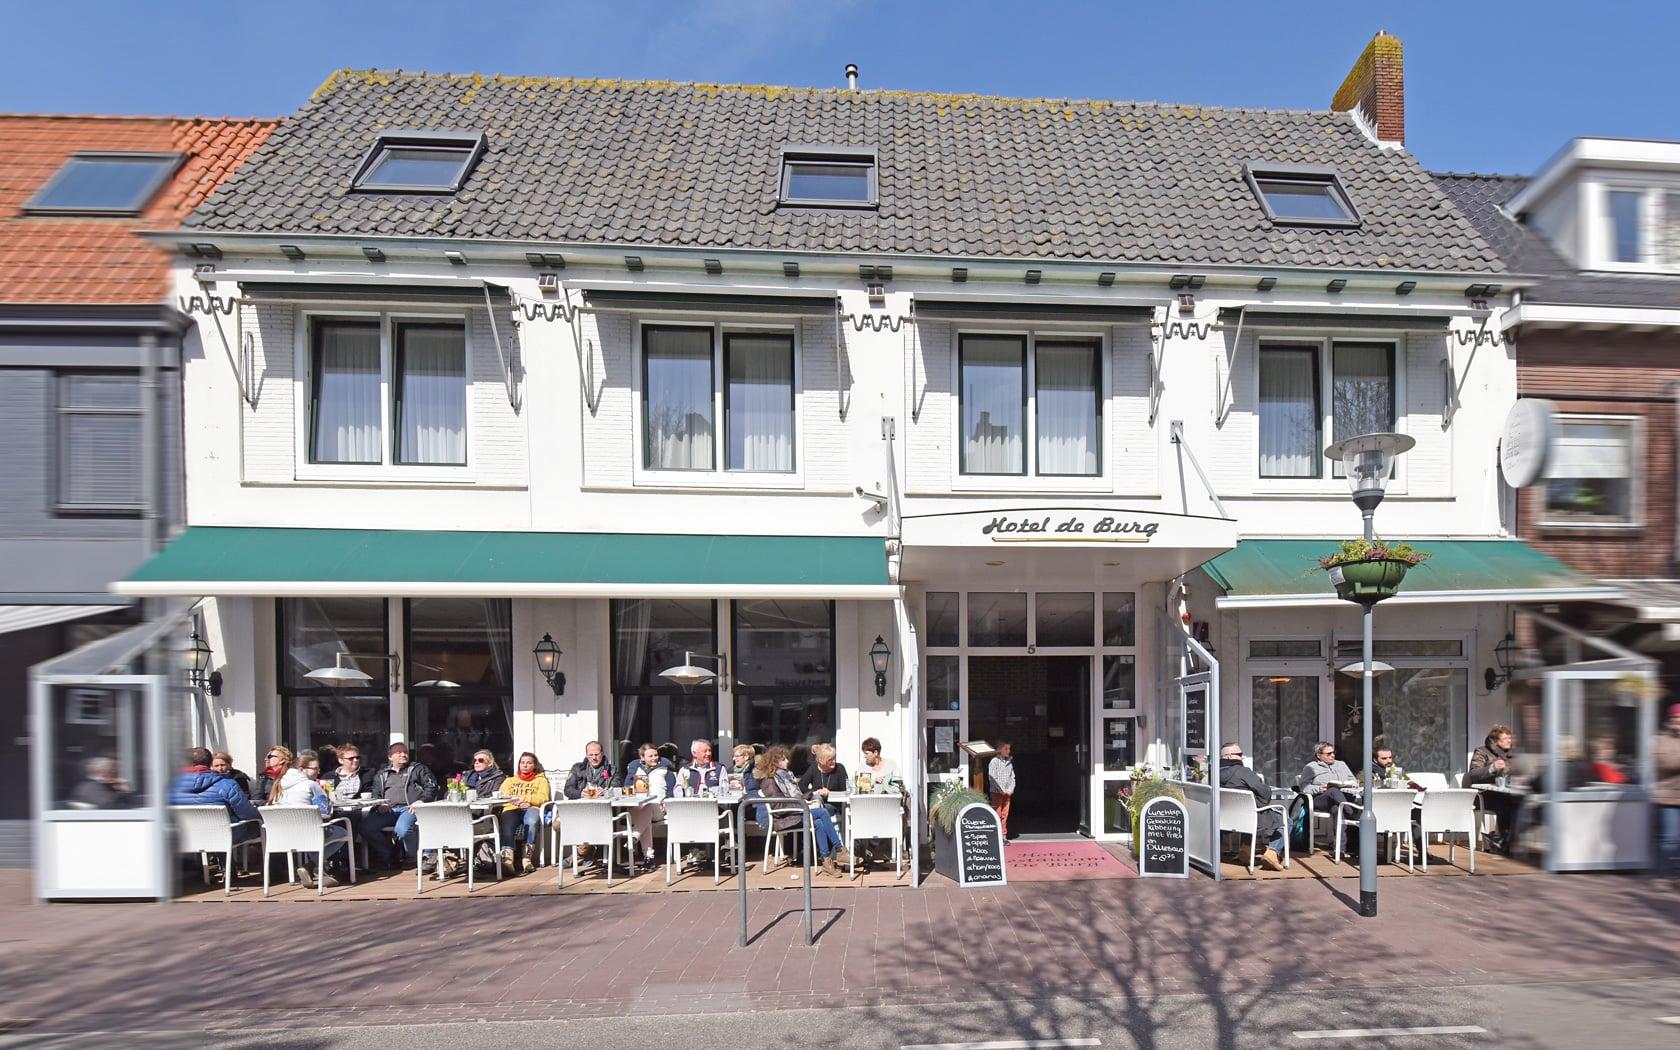 Hotel de Burg - Hotel de Burg